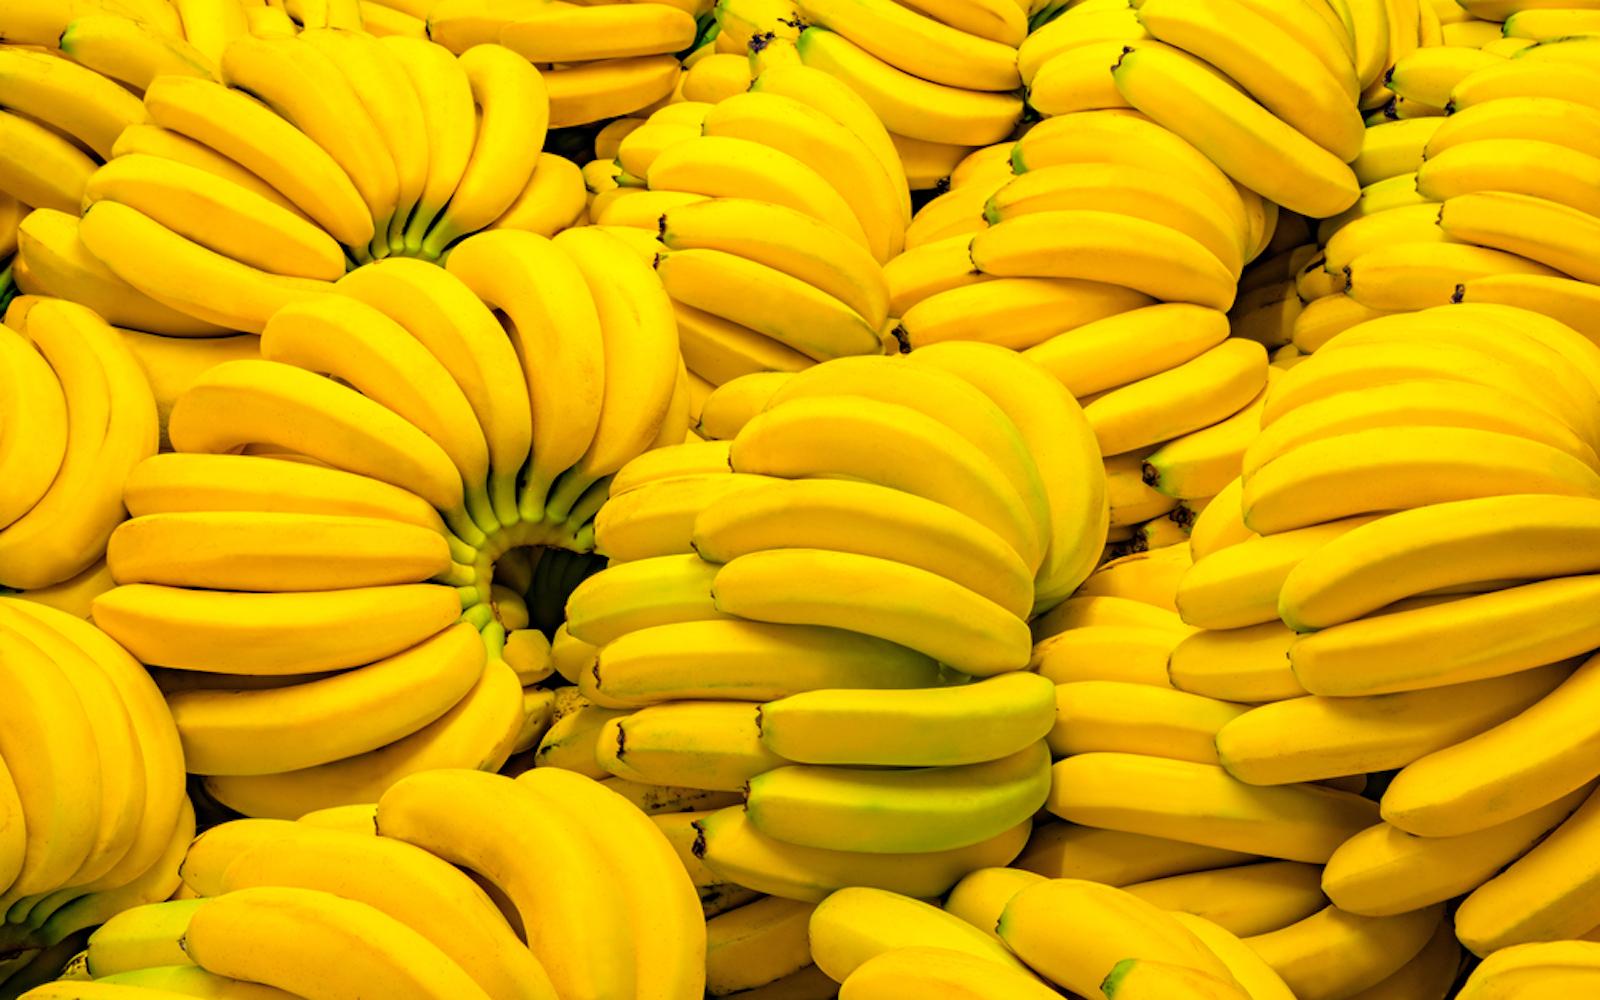 China market entry benefits yellow bananas from Cambodia